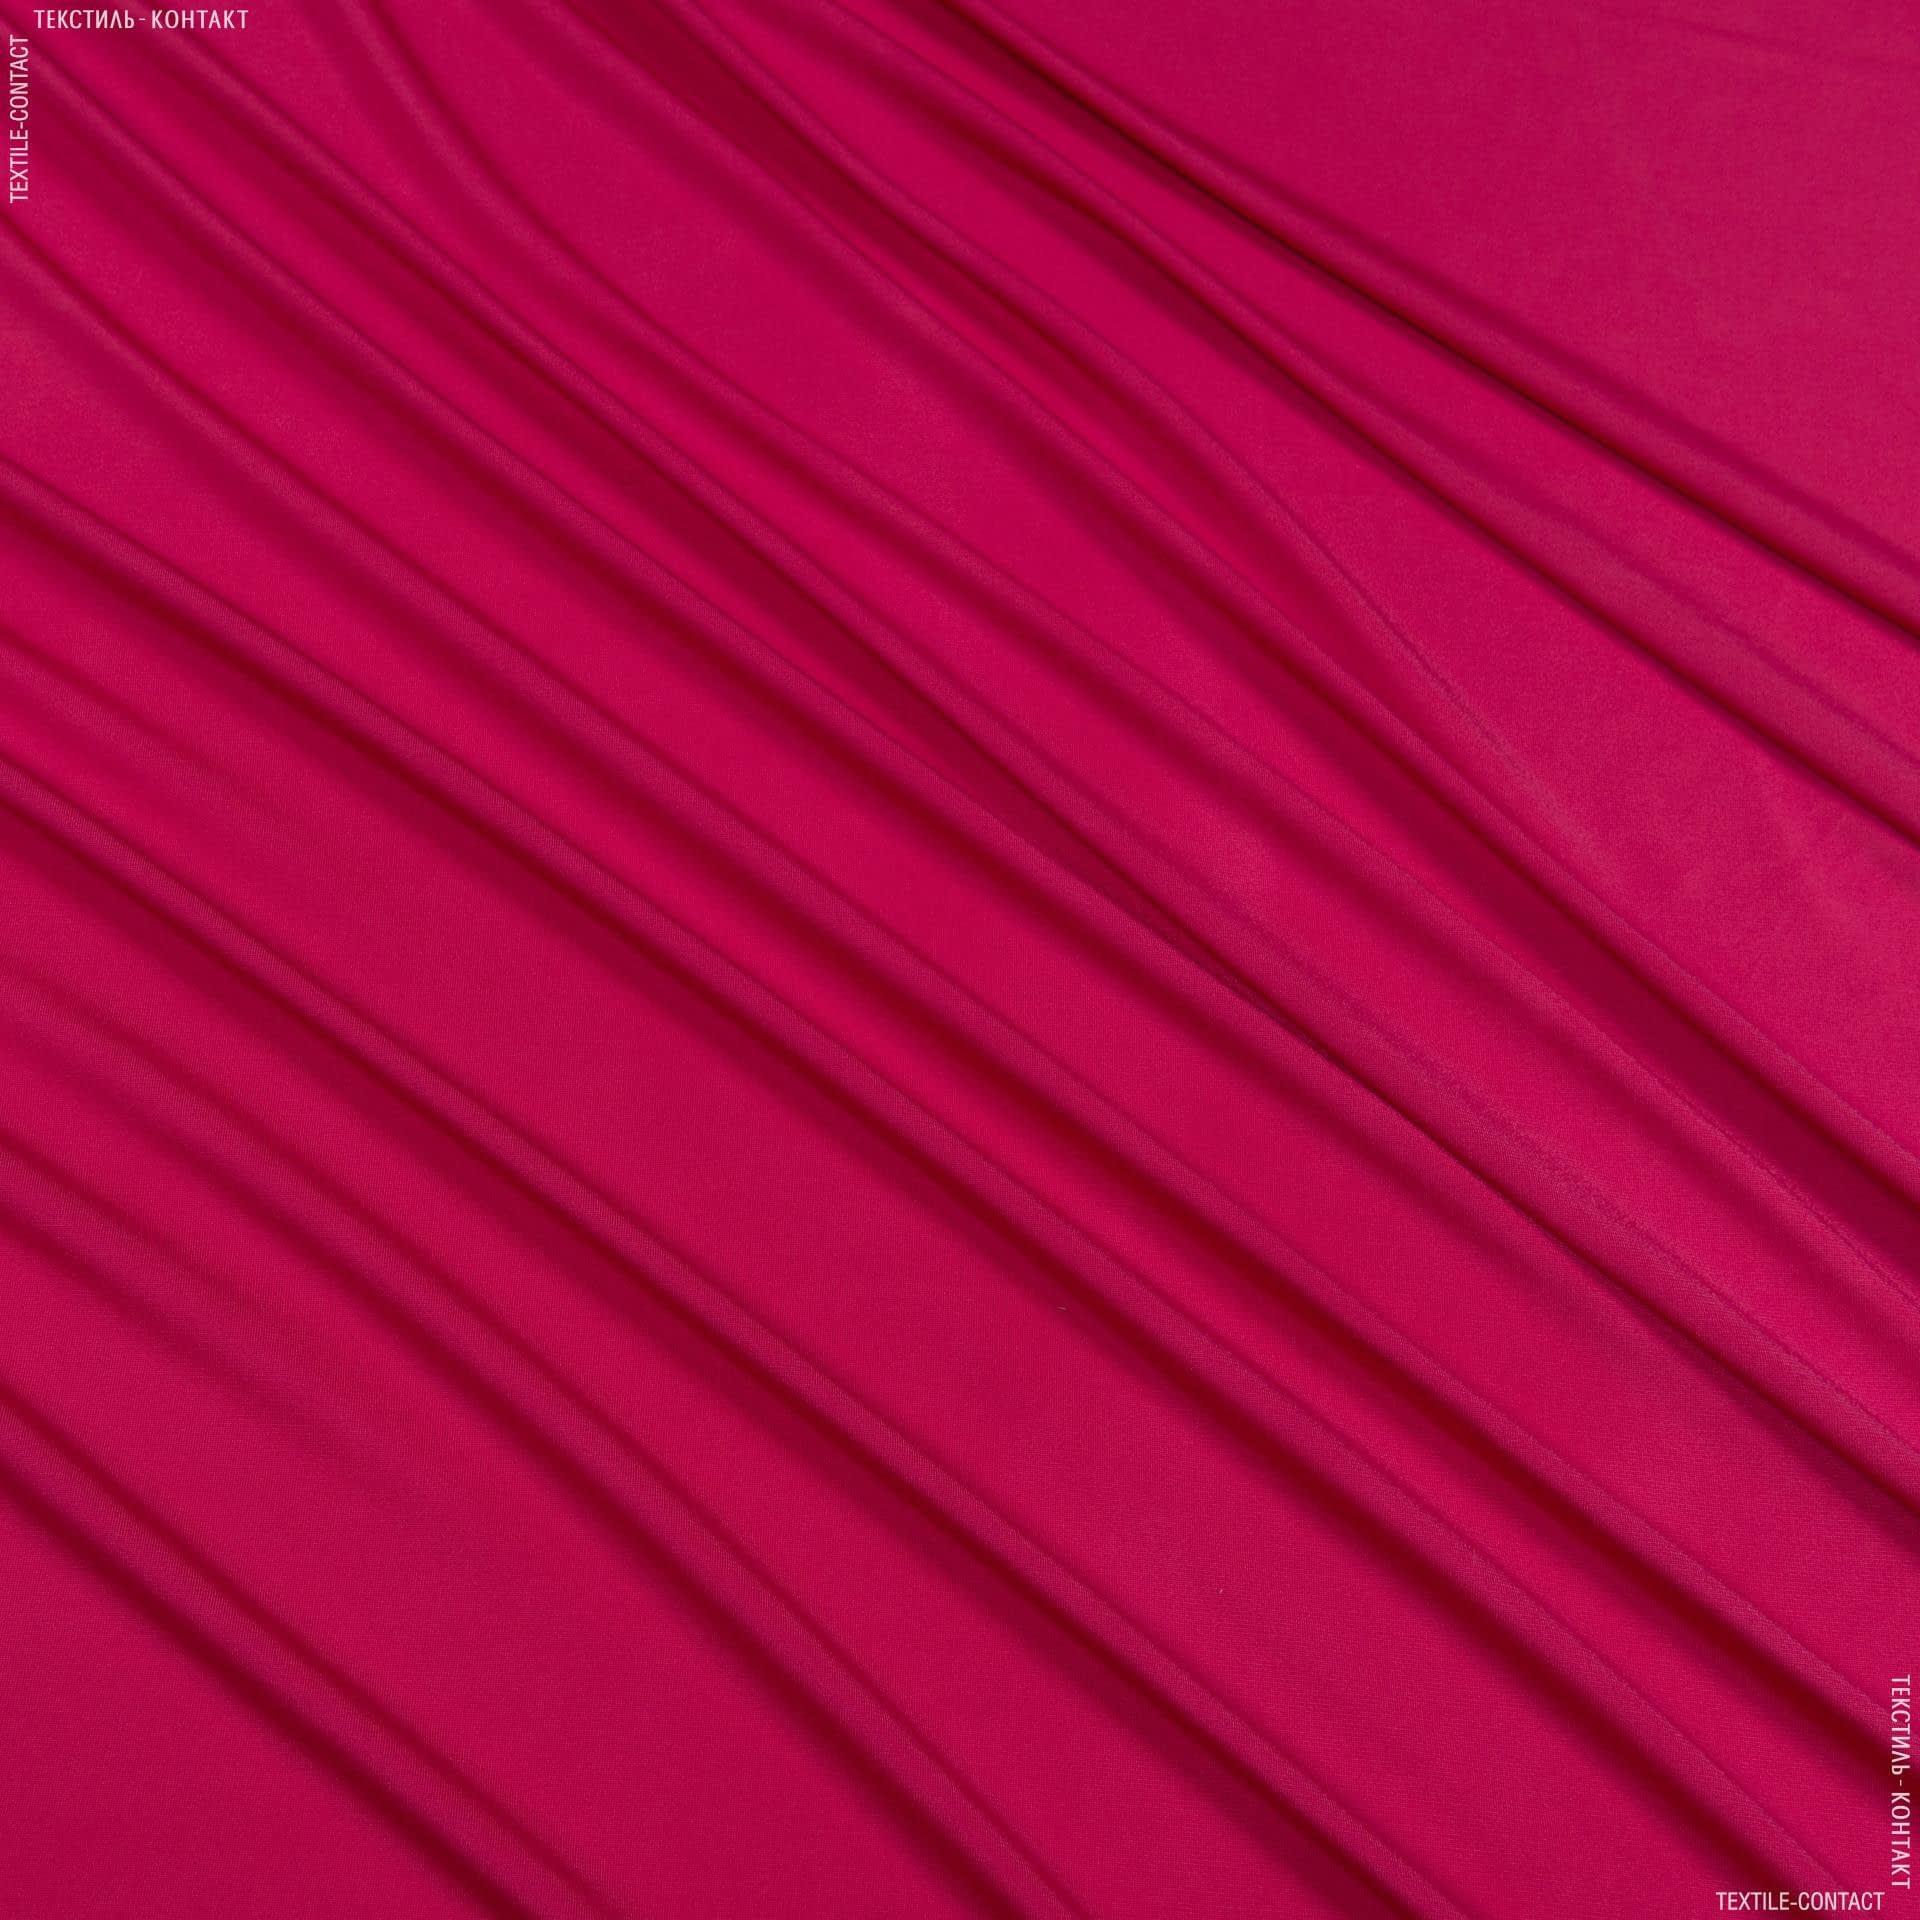 Тканини для суконь - Трикотаж масло цикламеновий